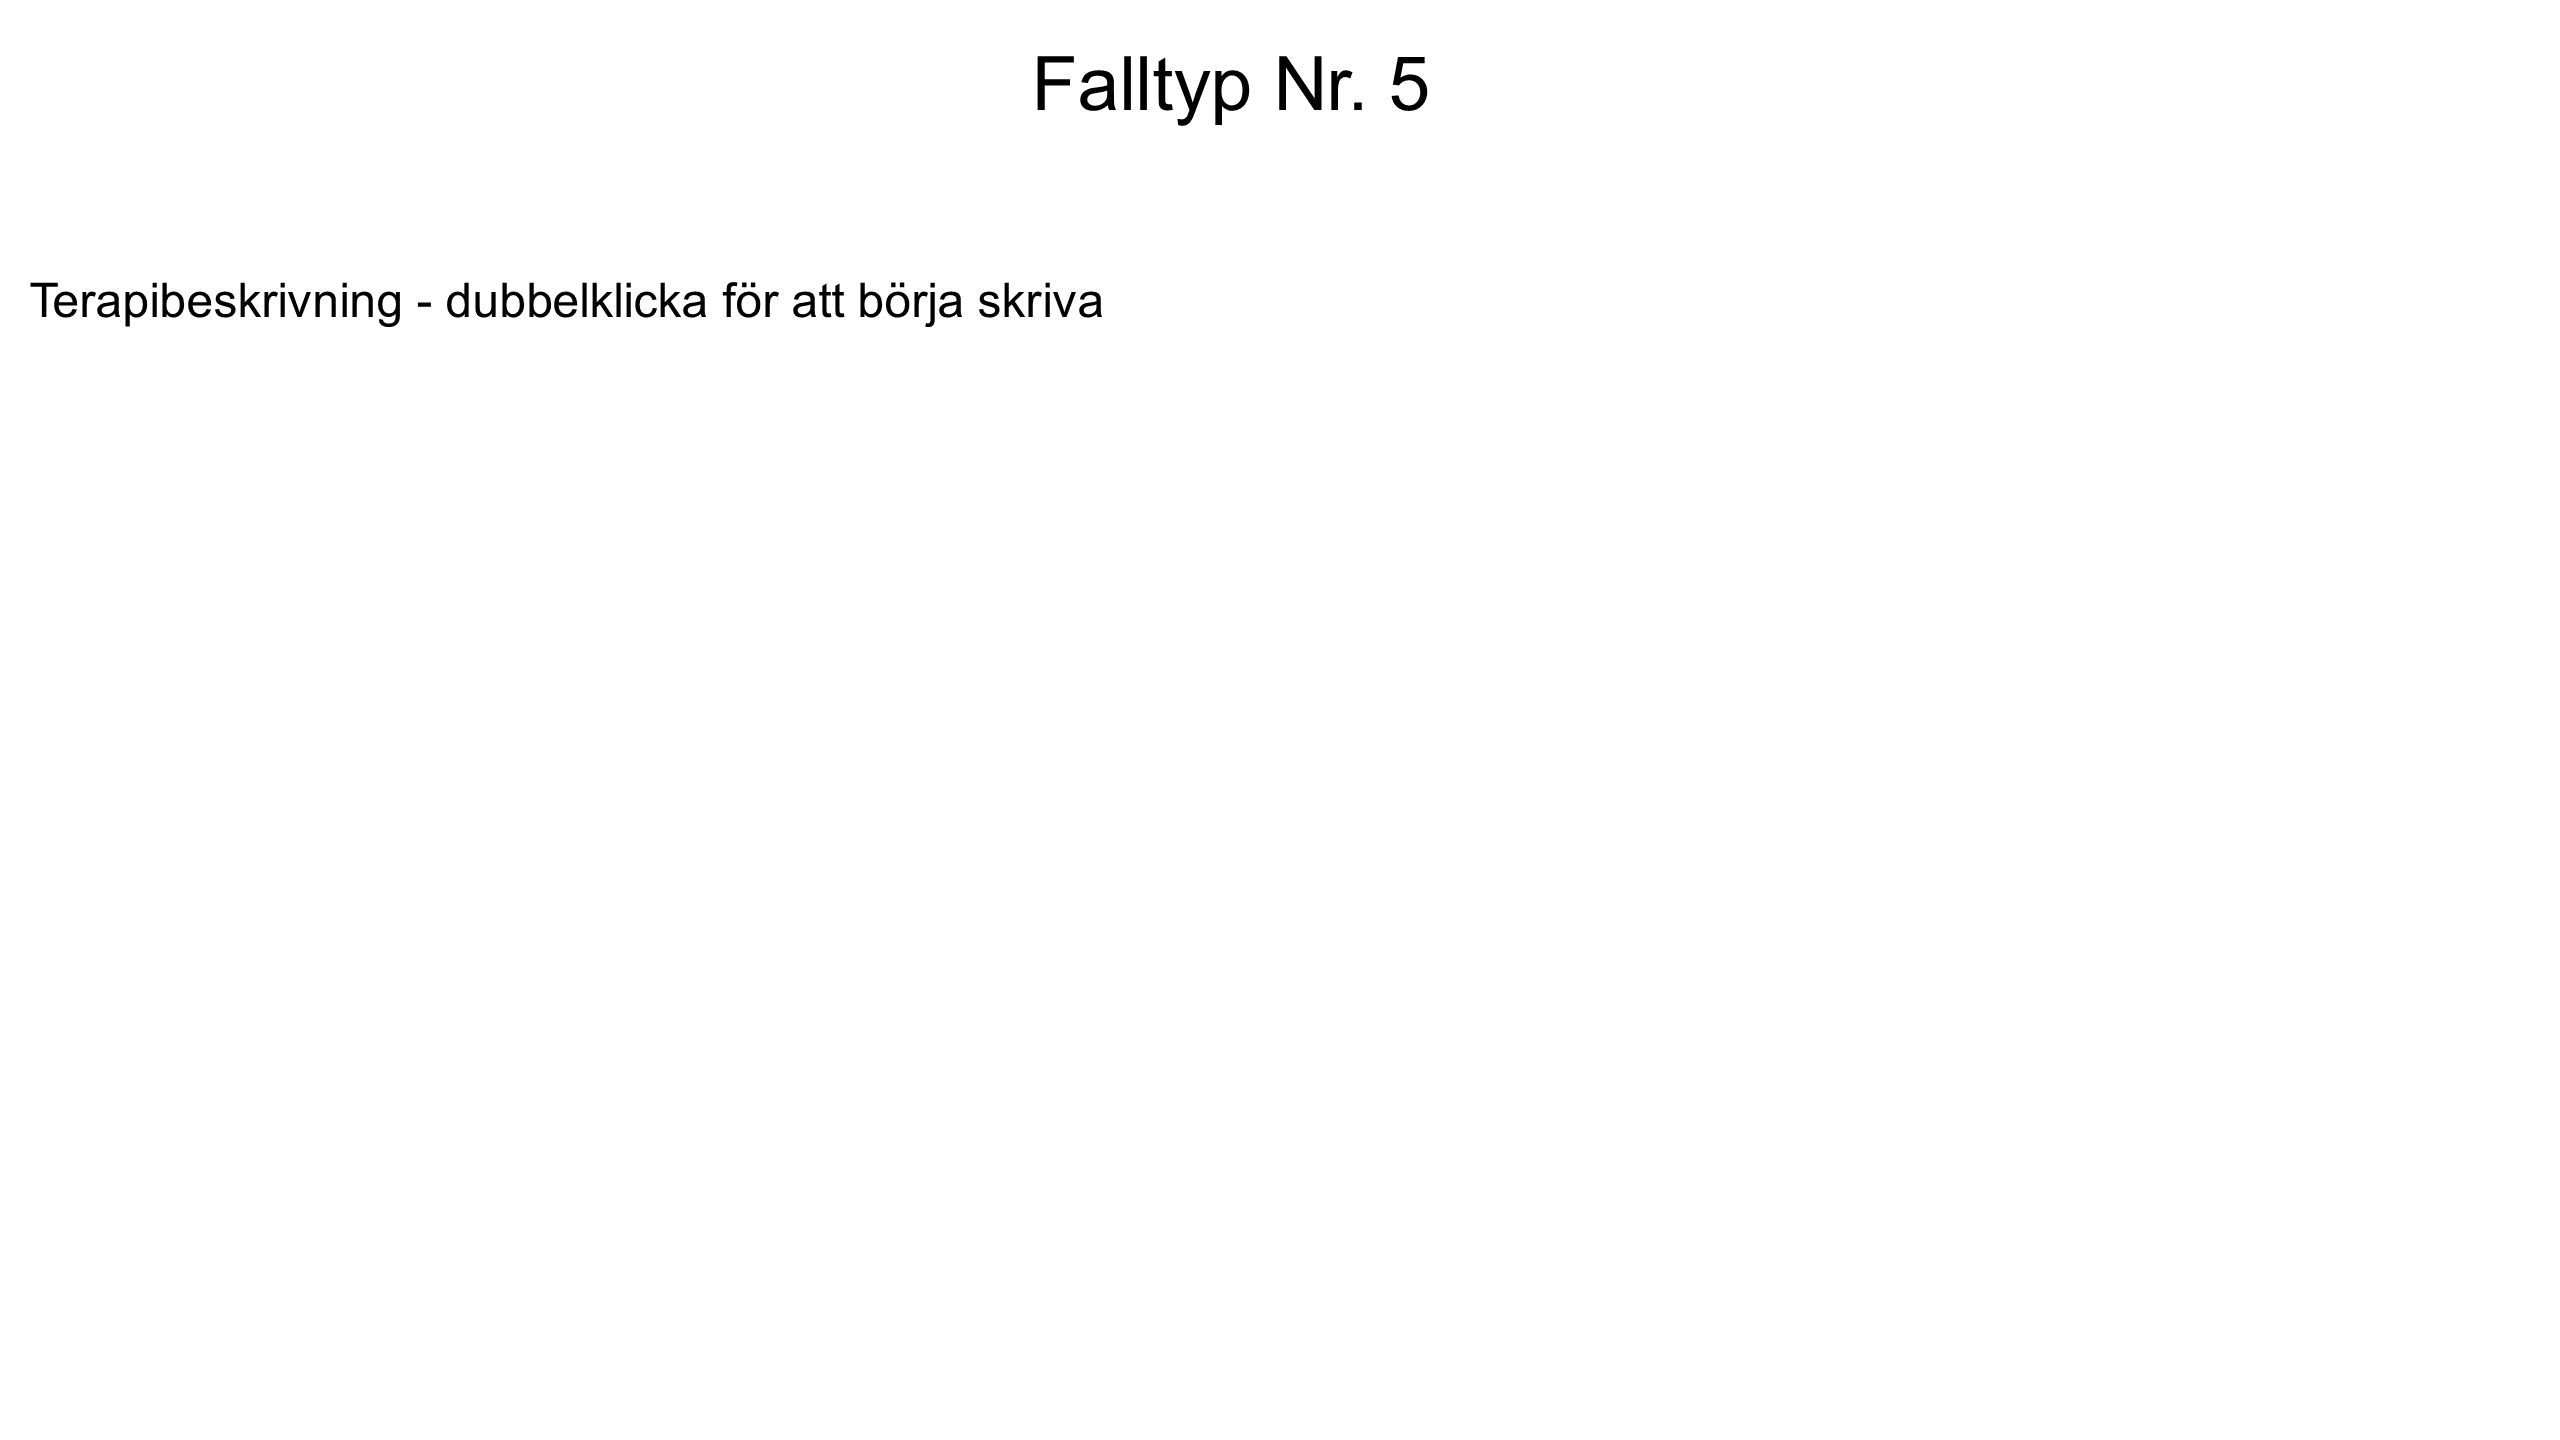 Falltyp Nr. 5 Terapibeskrivning - dubbelklicka för att börja skriva Falltyp Nr. 5